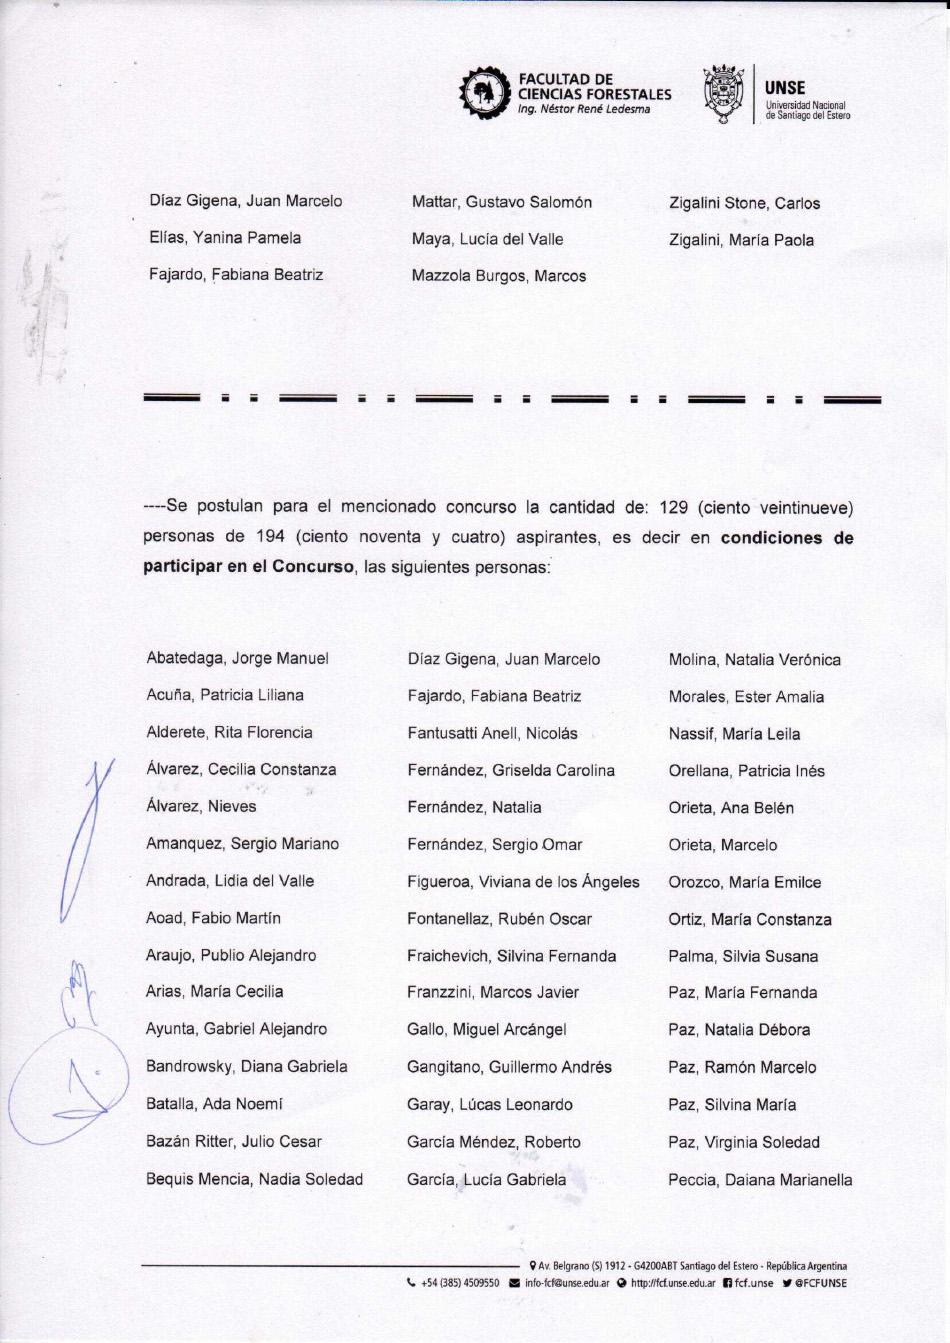 Acta Inscriptos Concurso 7 - FCF-4